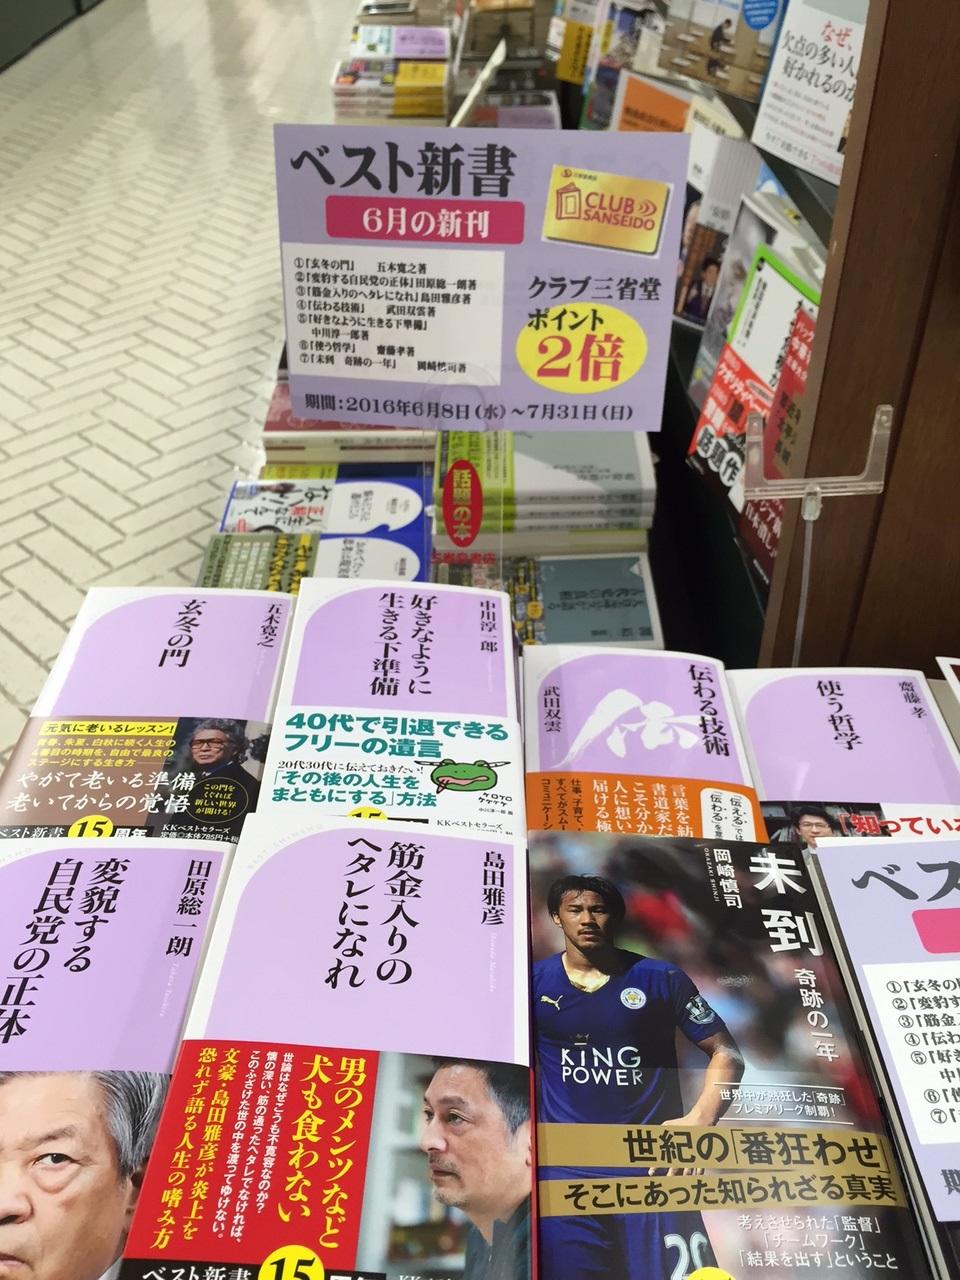 【祝15周年】ベスト新書6月の新刊、クラブ三省堂ポイント2倍!(7/31迄)